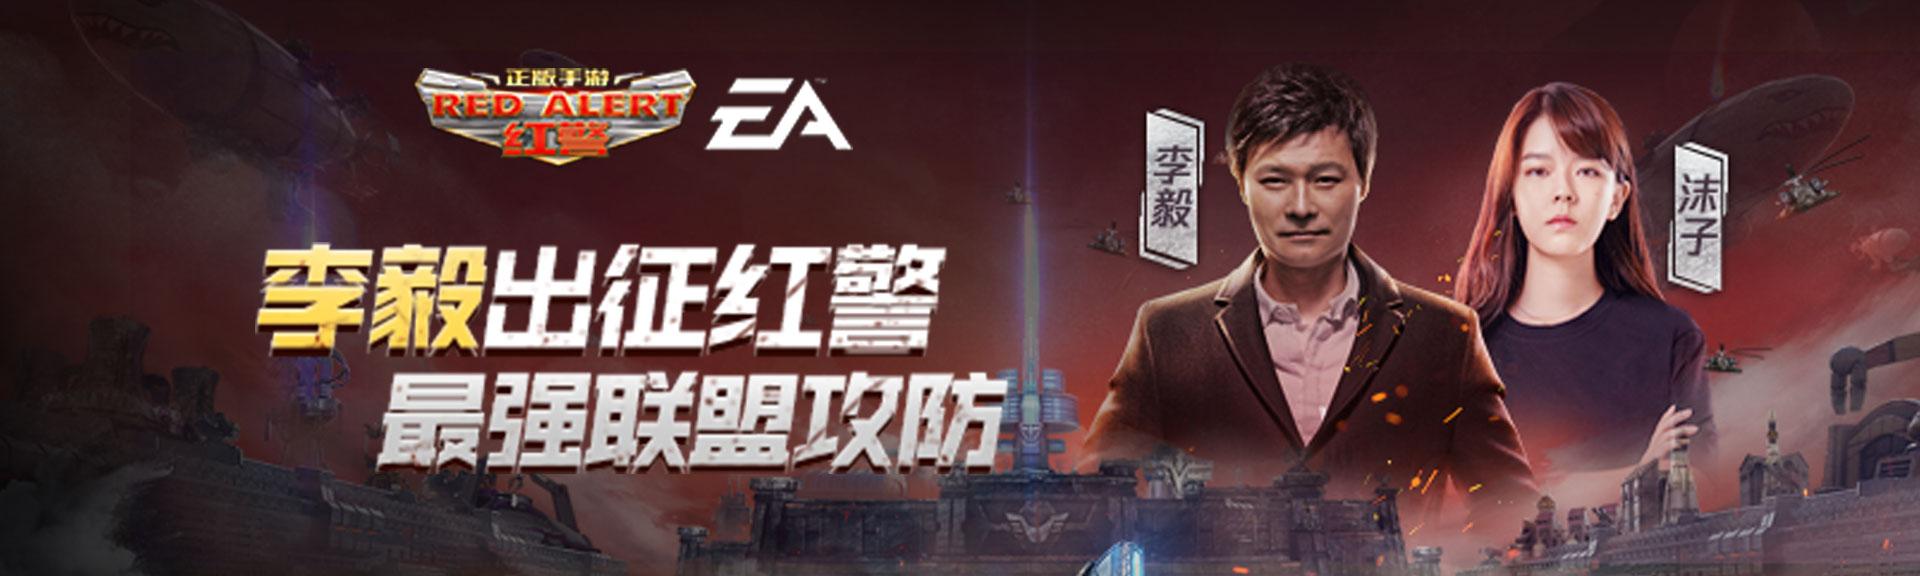 《红警OL手游》公测直播,李毅大帝组团最强联盟攻防战!